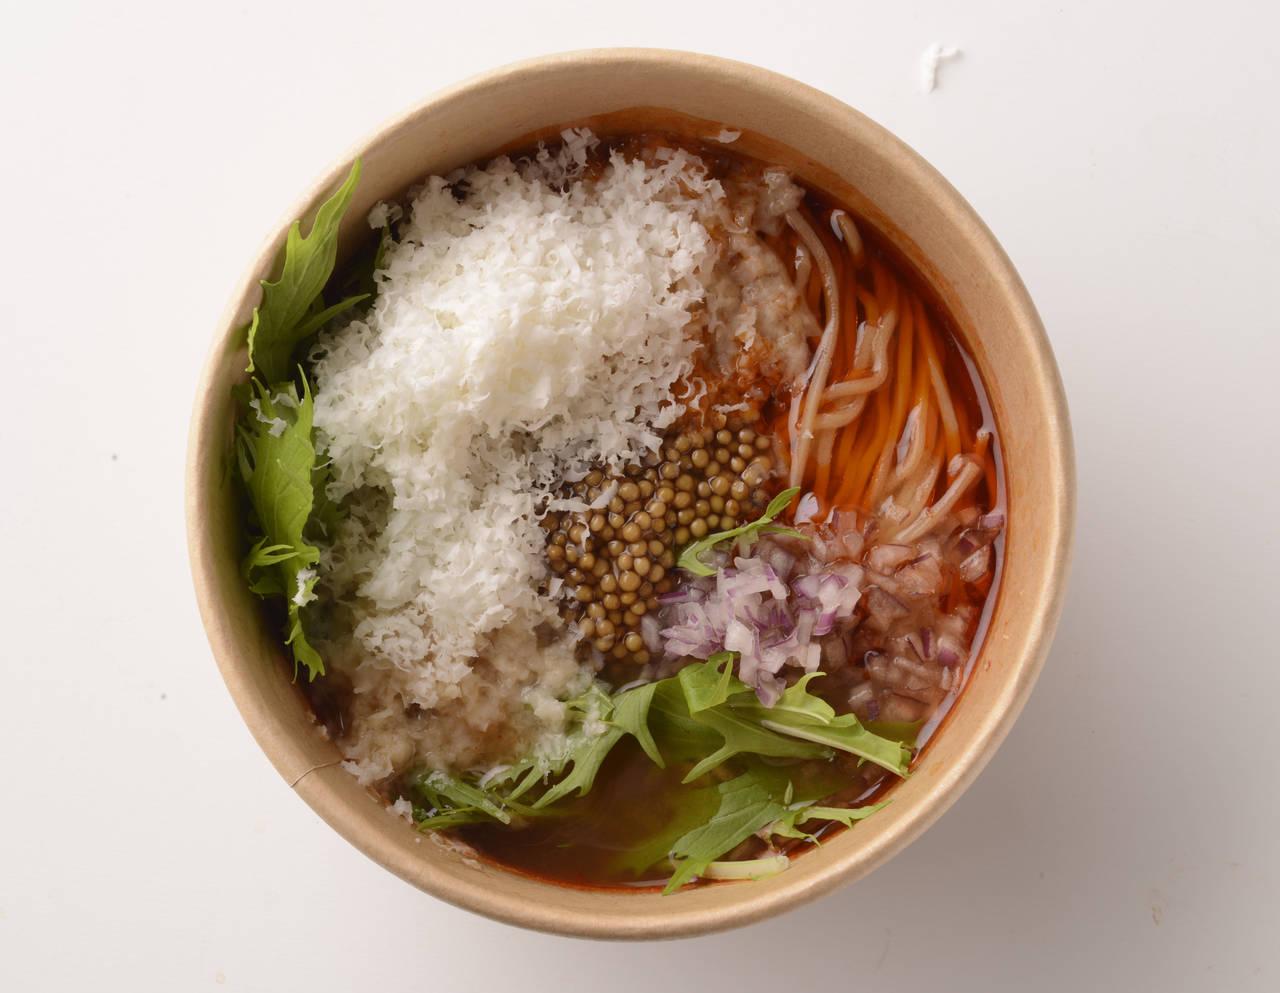 「蔬菜擔擔麵(ベジタブルタンタンヌードル)」 756日圓(含稅)